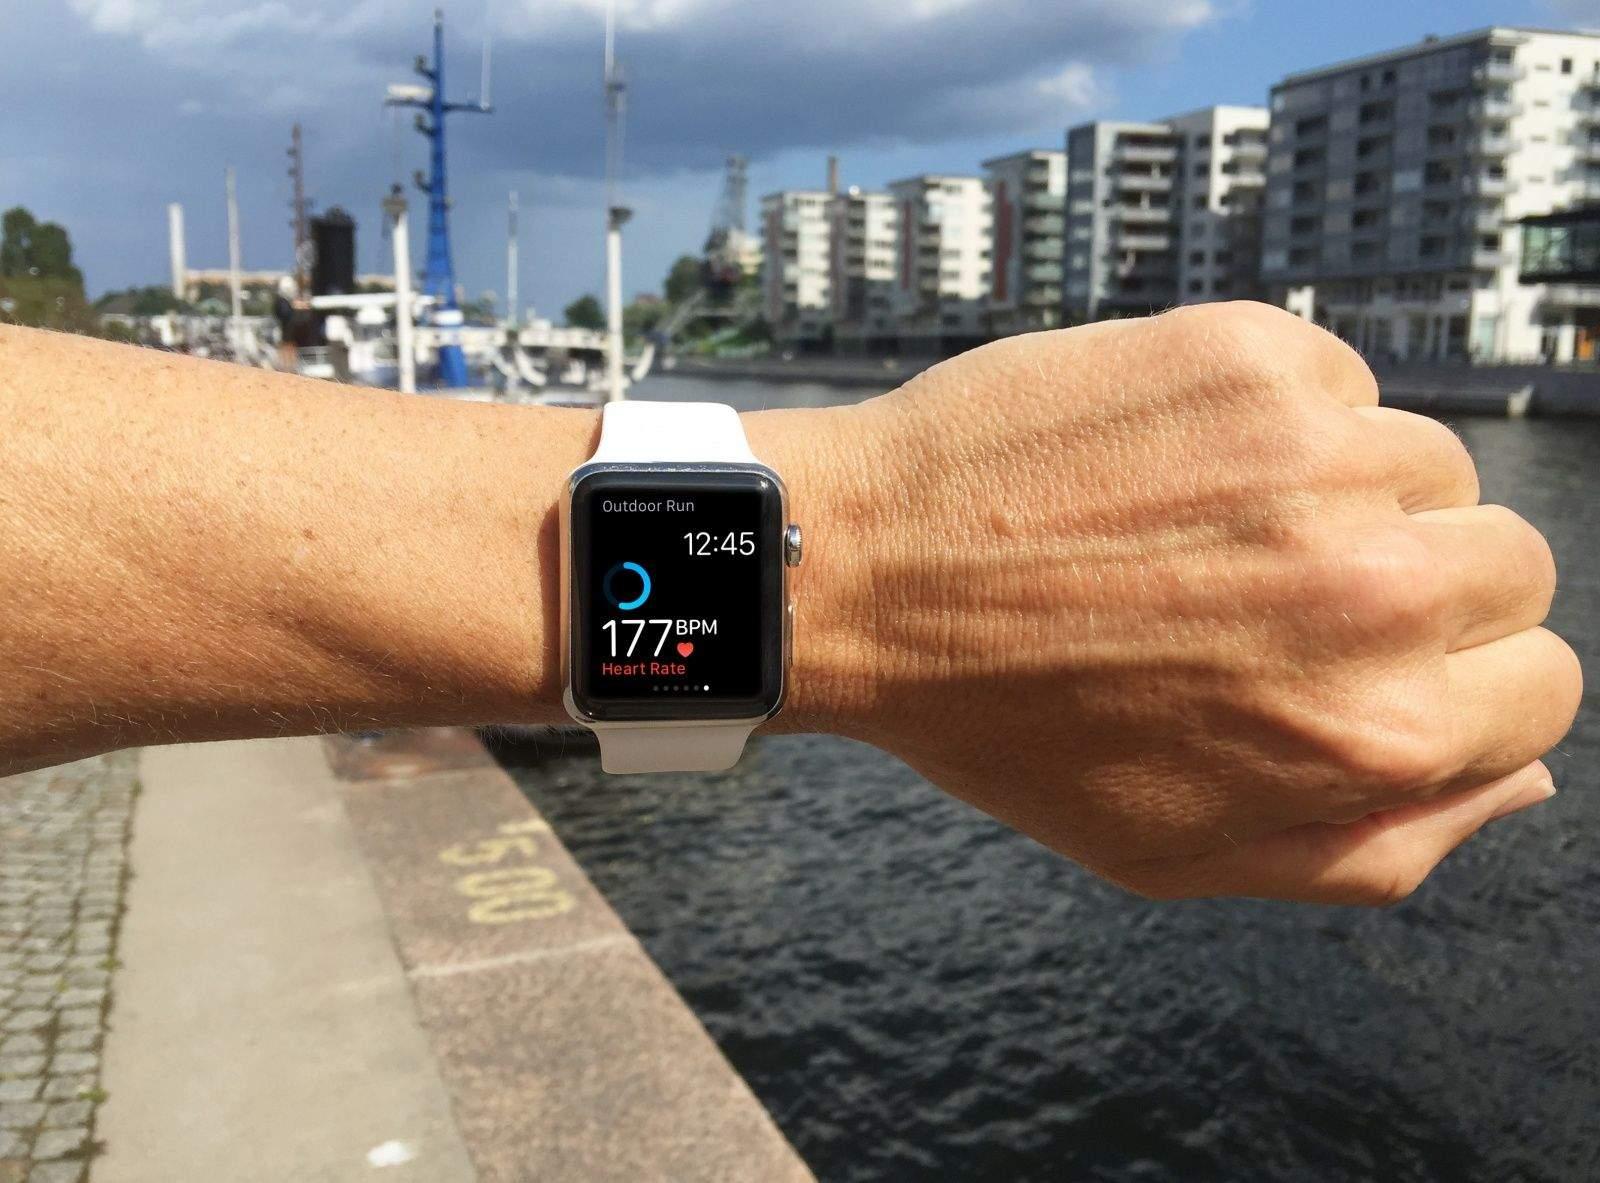 佩戴Apple Watch能跑完马拉松全程吗 - Apple Watch如何监测心率